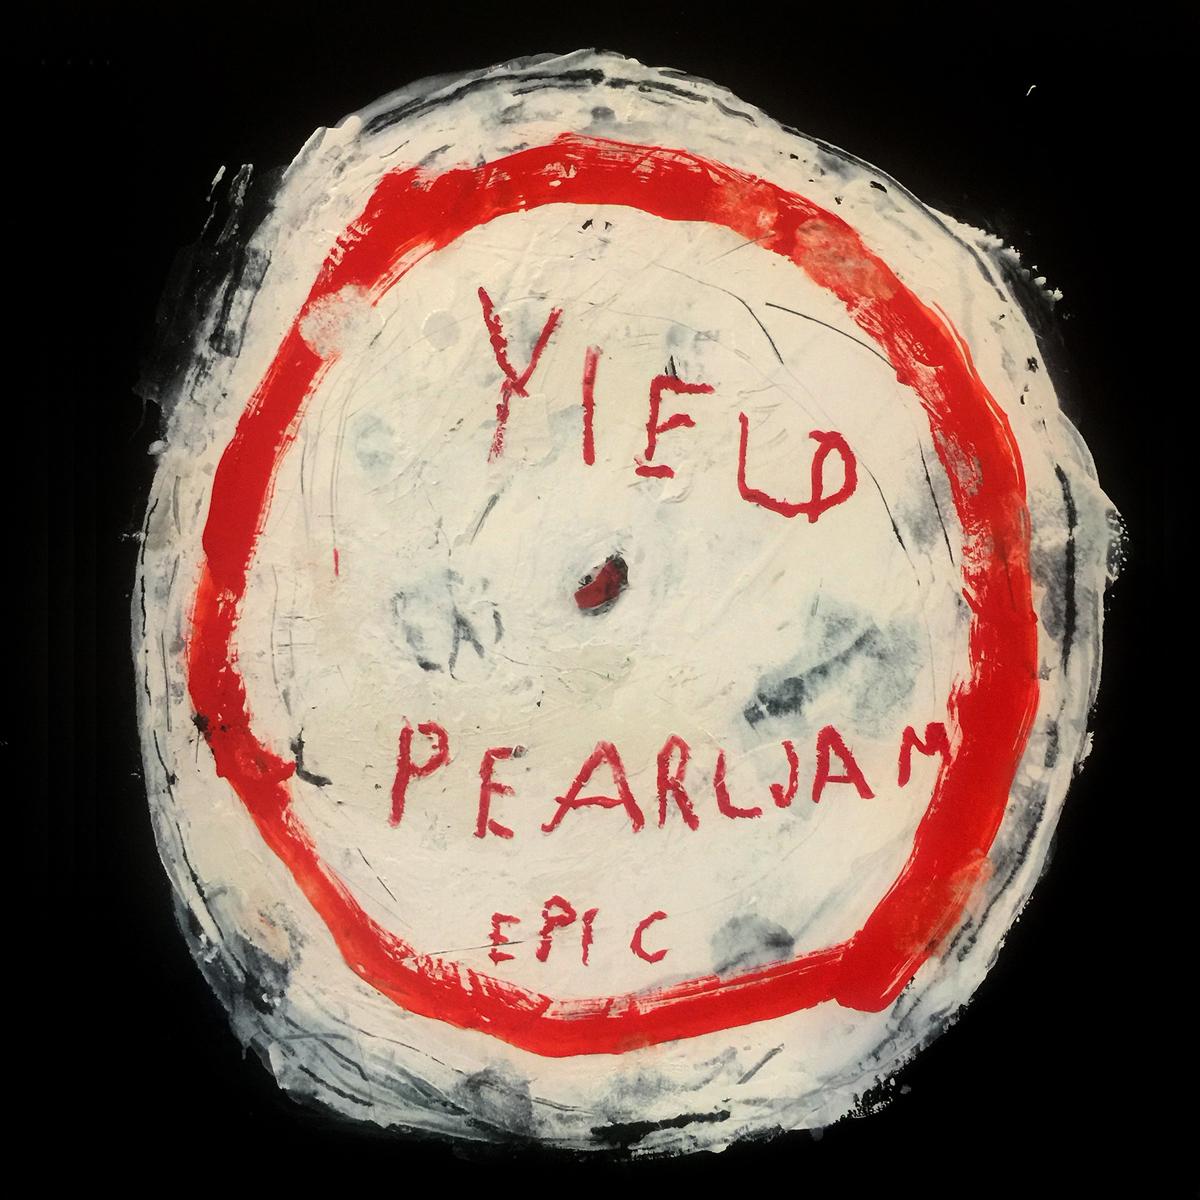 Pearl Jam / Yield #1